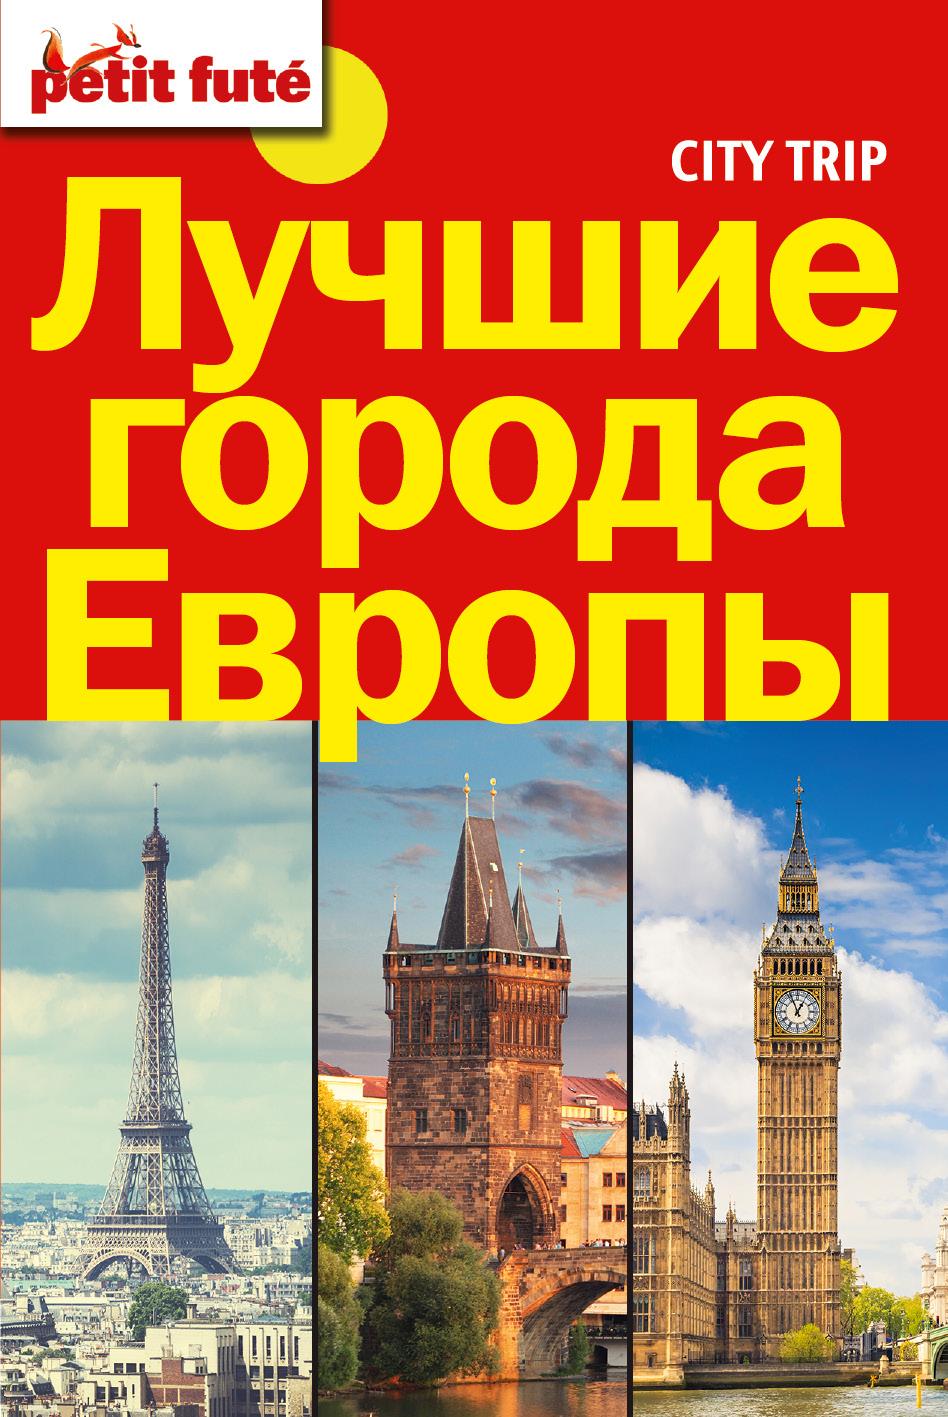 Лучшие города Европы. City trip. city trip лучшие города европы лондон париж прага комплект из 3 книг